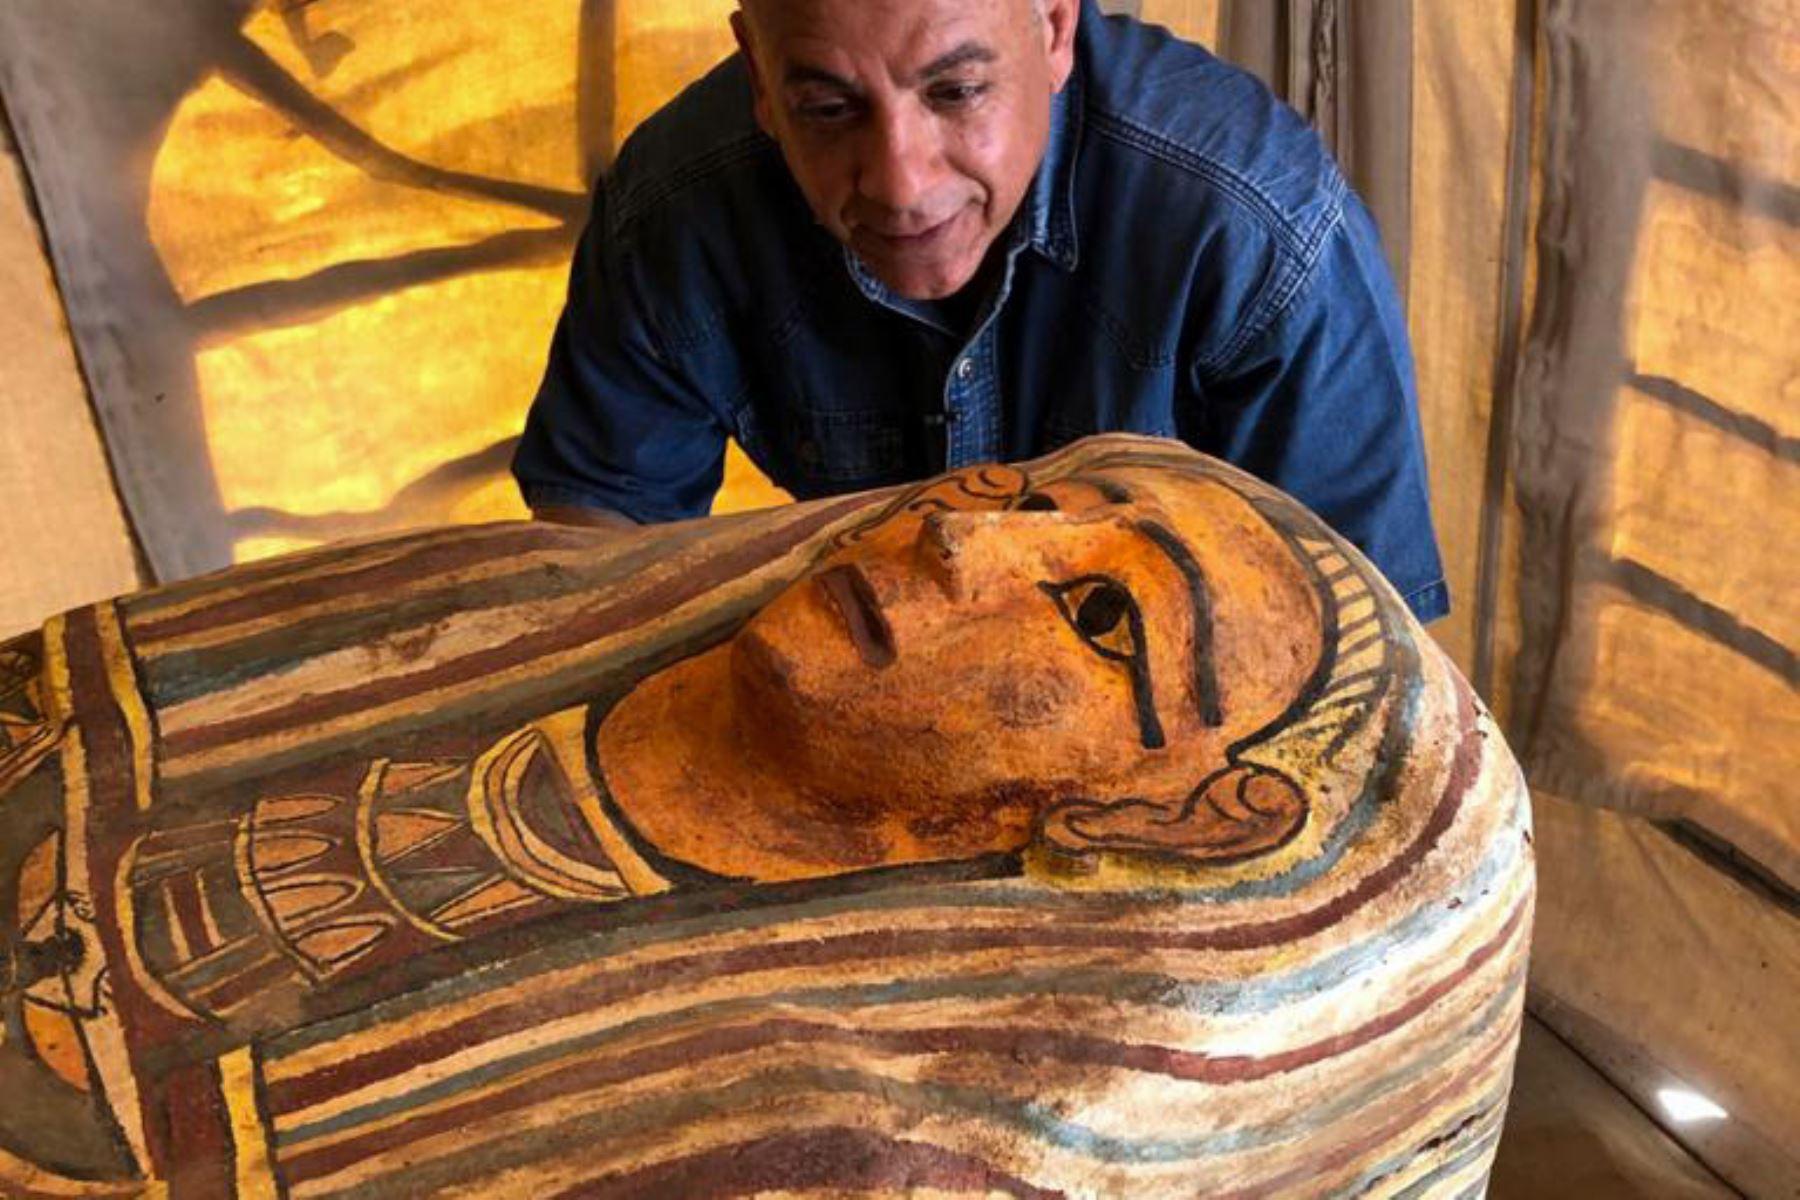 Descubren en Egipto 14 sarcófagos de 2,500 años de antigüedad | Noticias